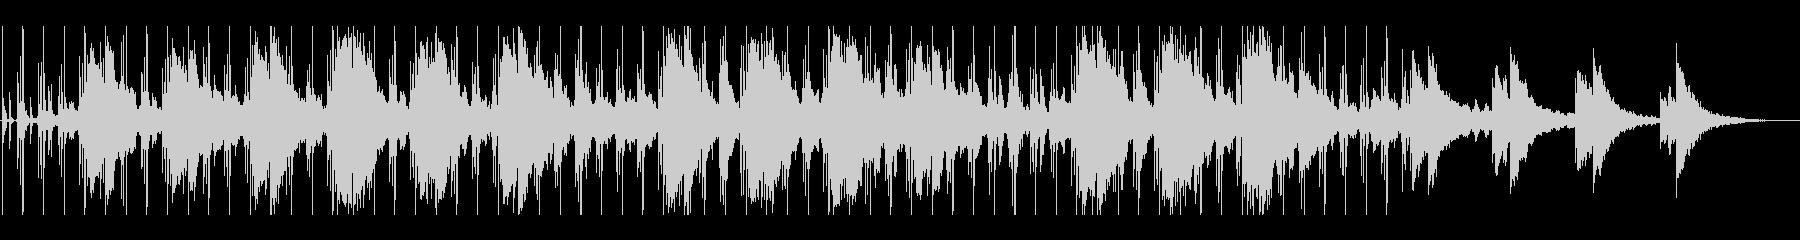 スローRoadMovieサウンドトラックの未再生の波形